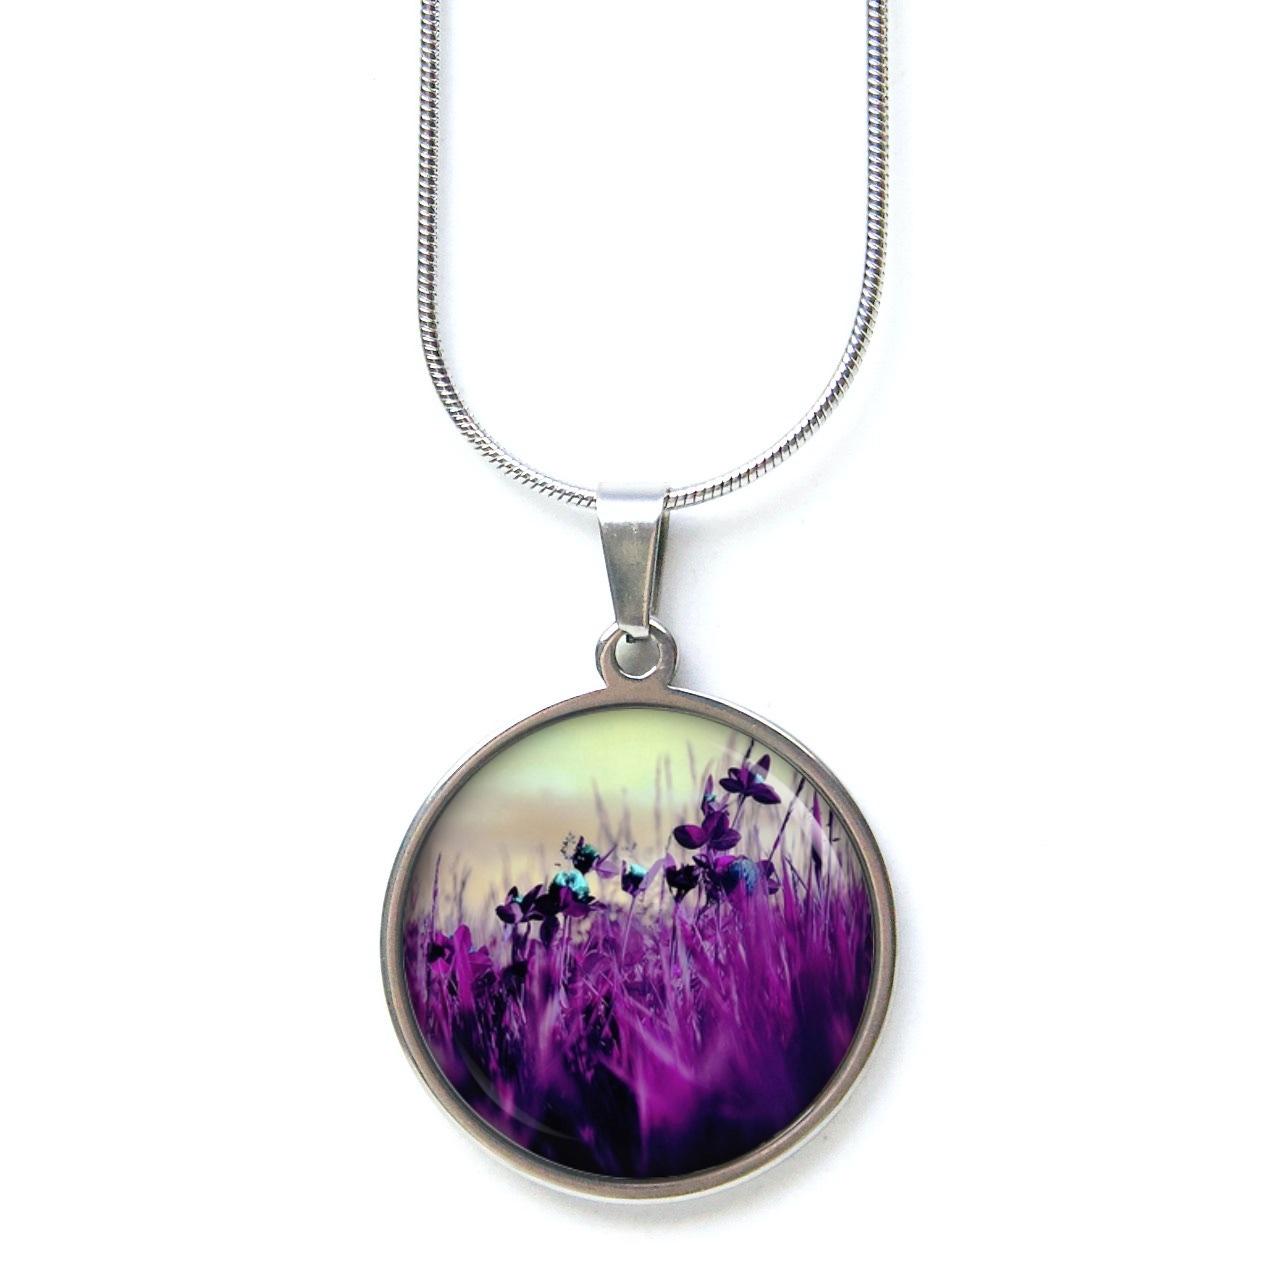 Edelstahl Kette wunderschöne violette Wiese mit Blumen